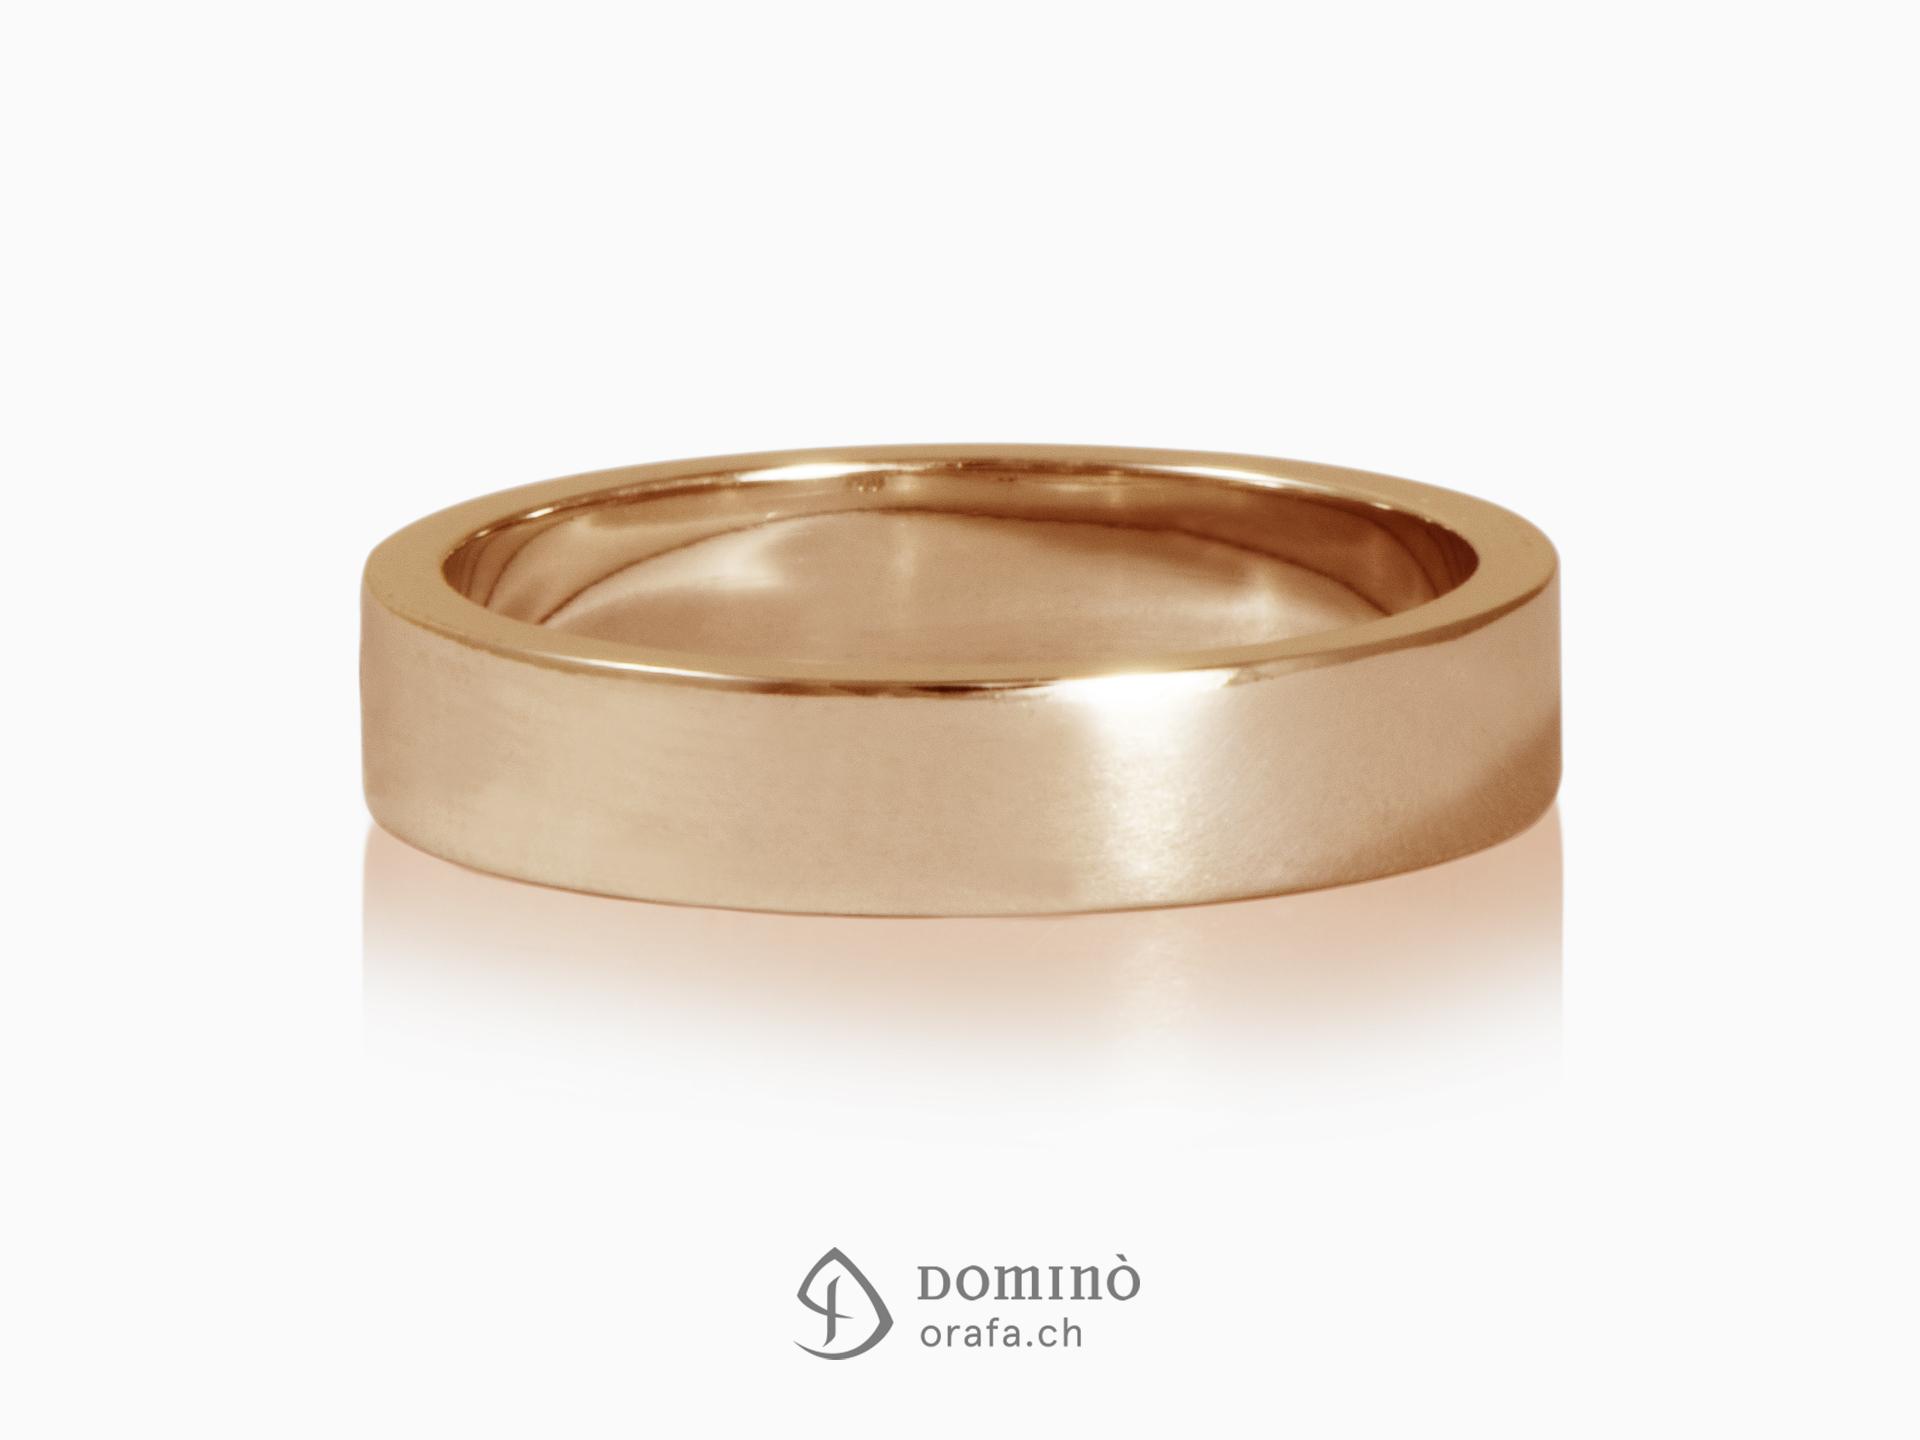 Polished ring